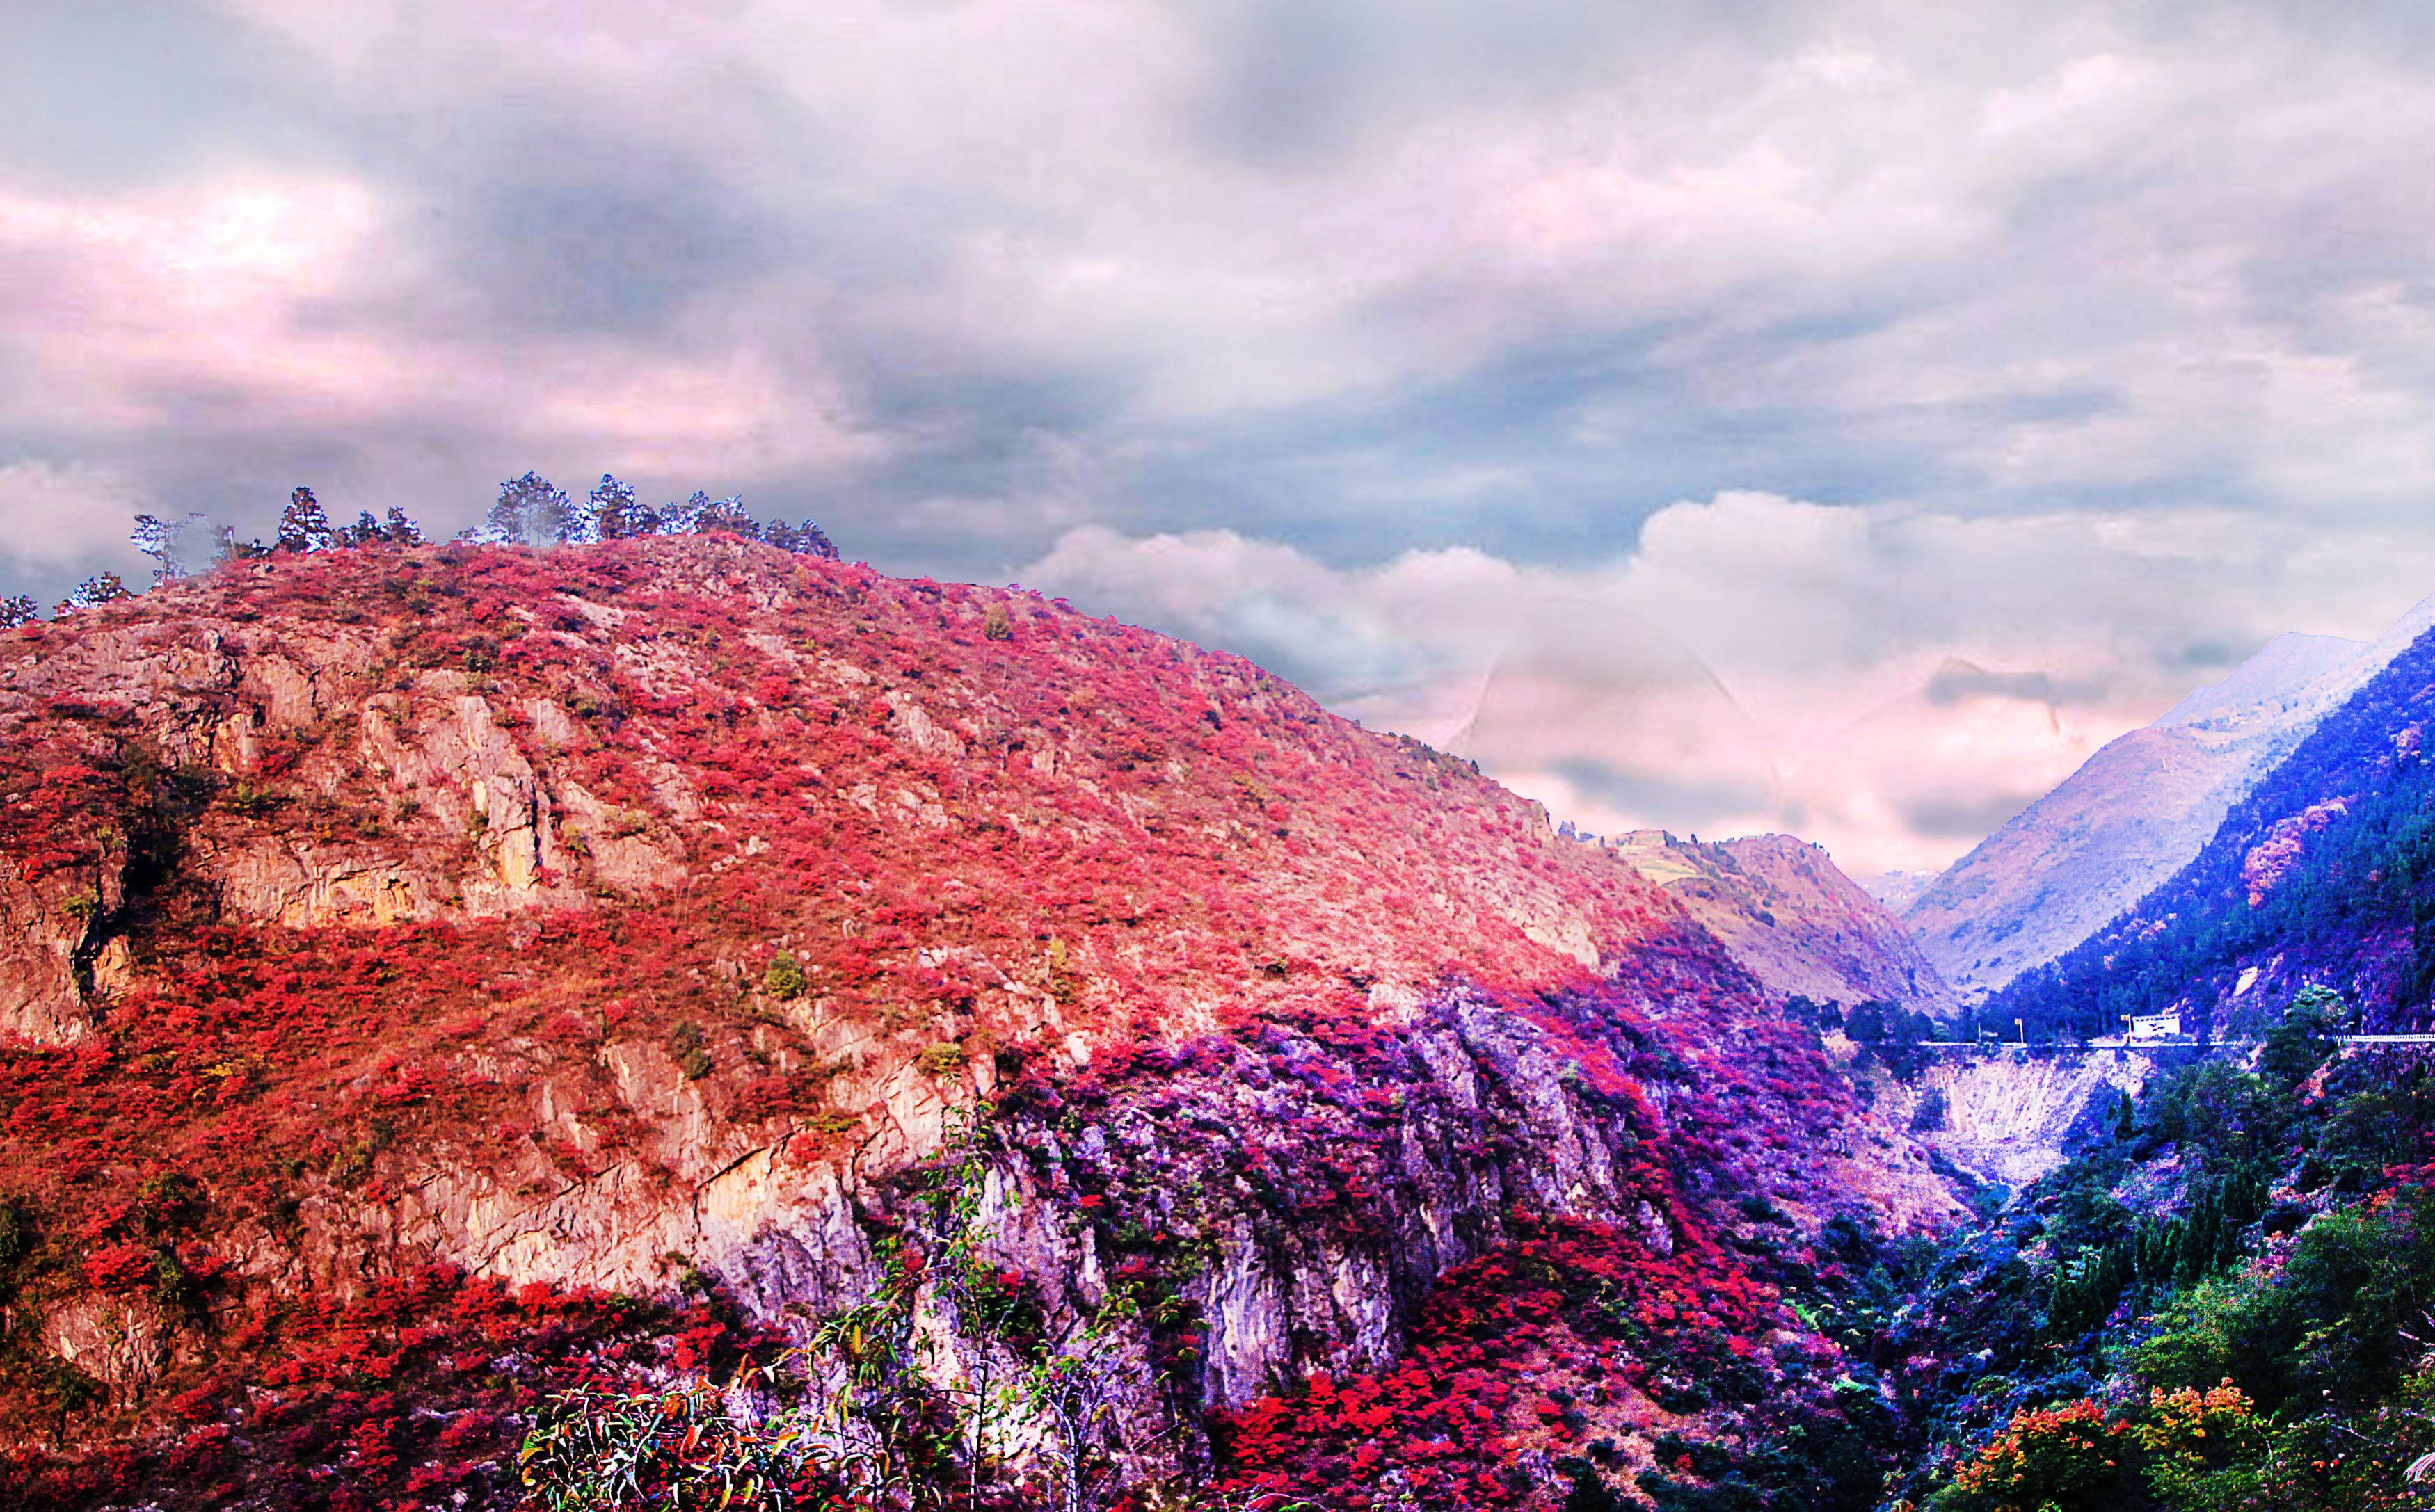 巫山红叶图片_重庆红叶旅游_巫山红叶图片